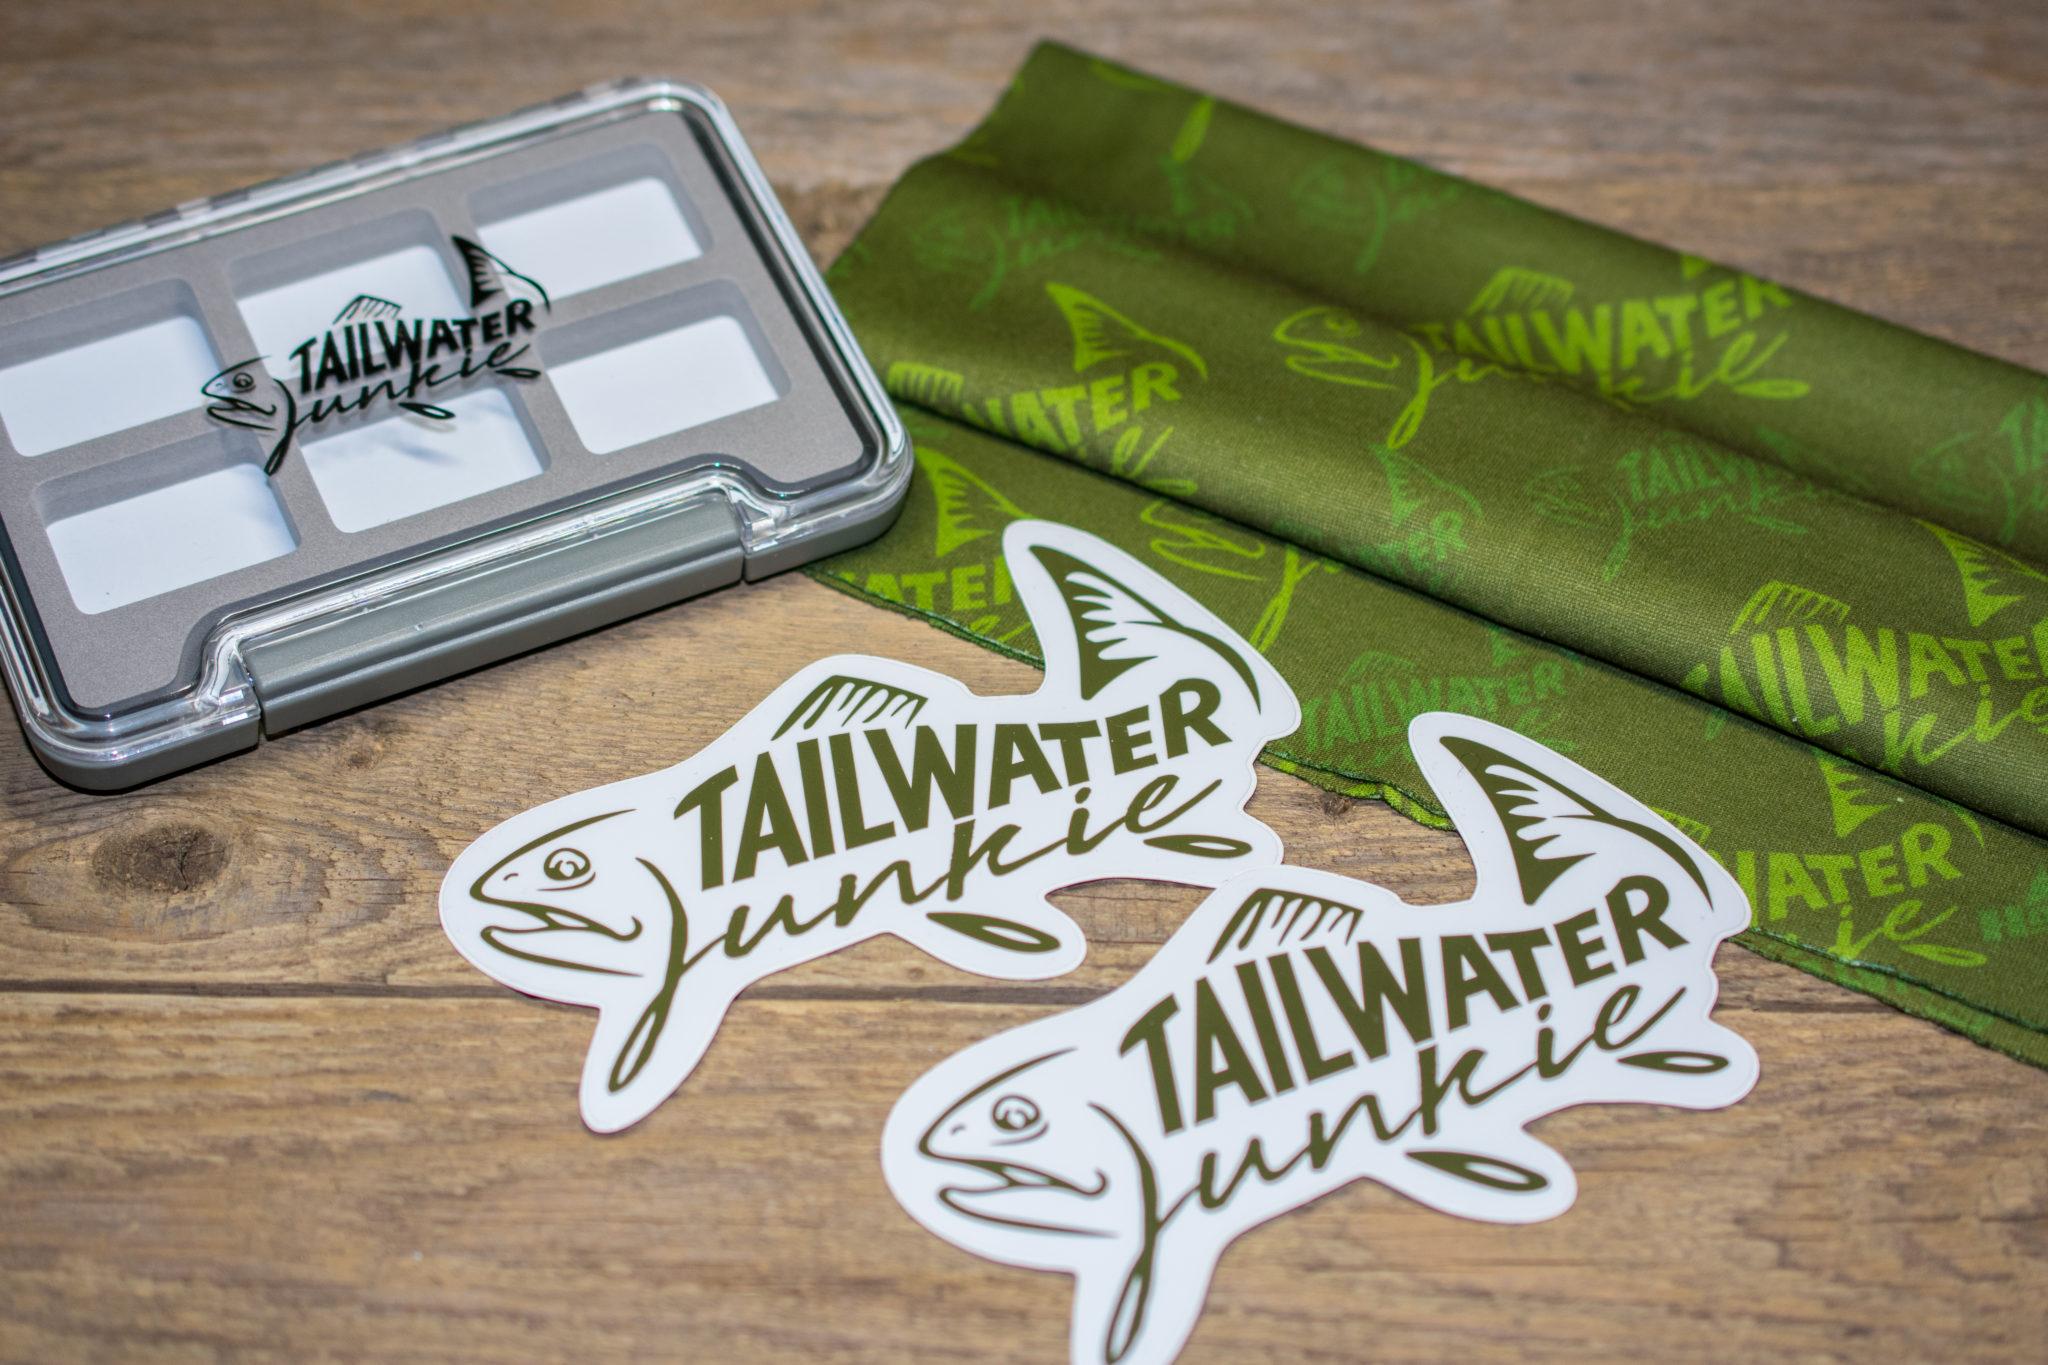 Tailwater Junkie Gear